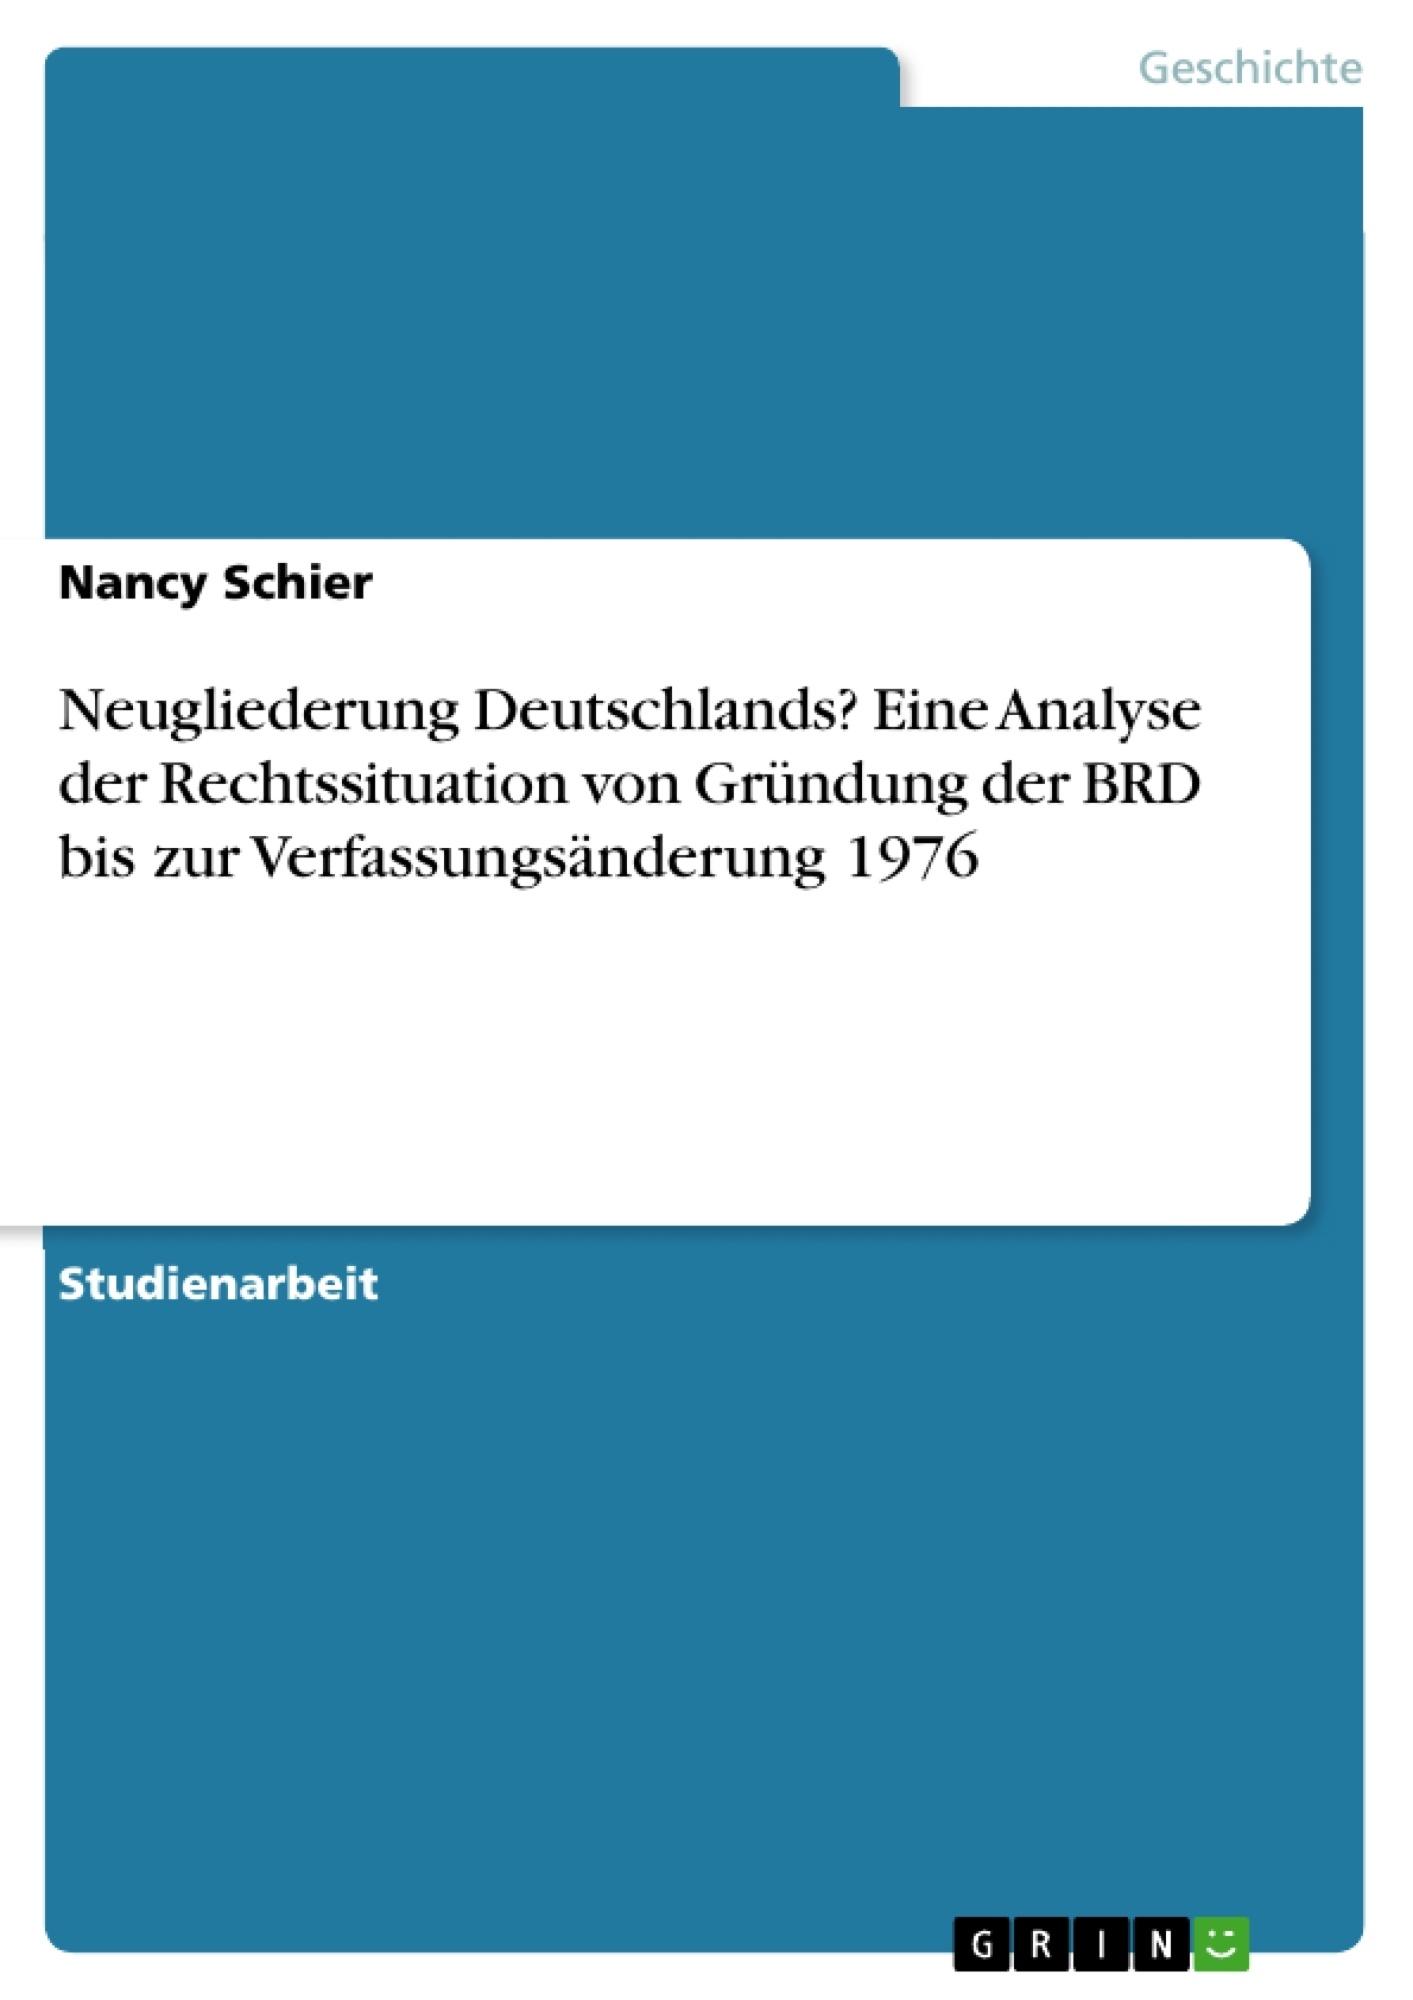 Titel: Neugliederung Deutschlands? Eine Analyse der Rechtssituation von Gründung der BRD bis zur Verfassungsänderung 1976